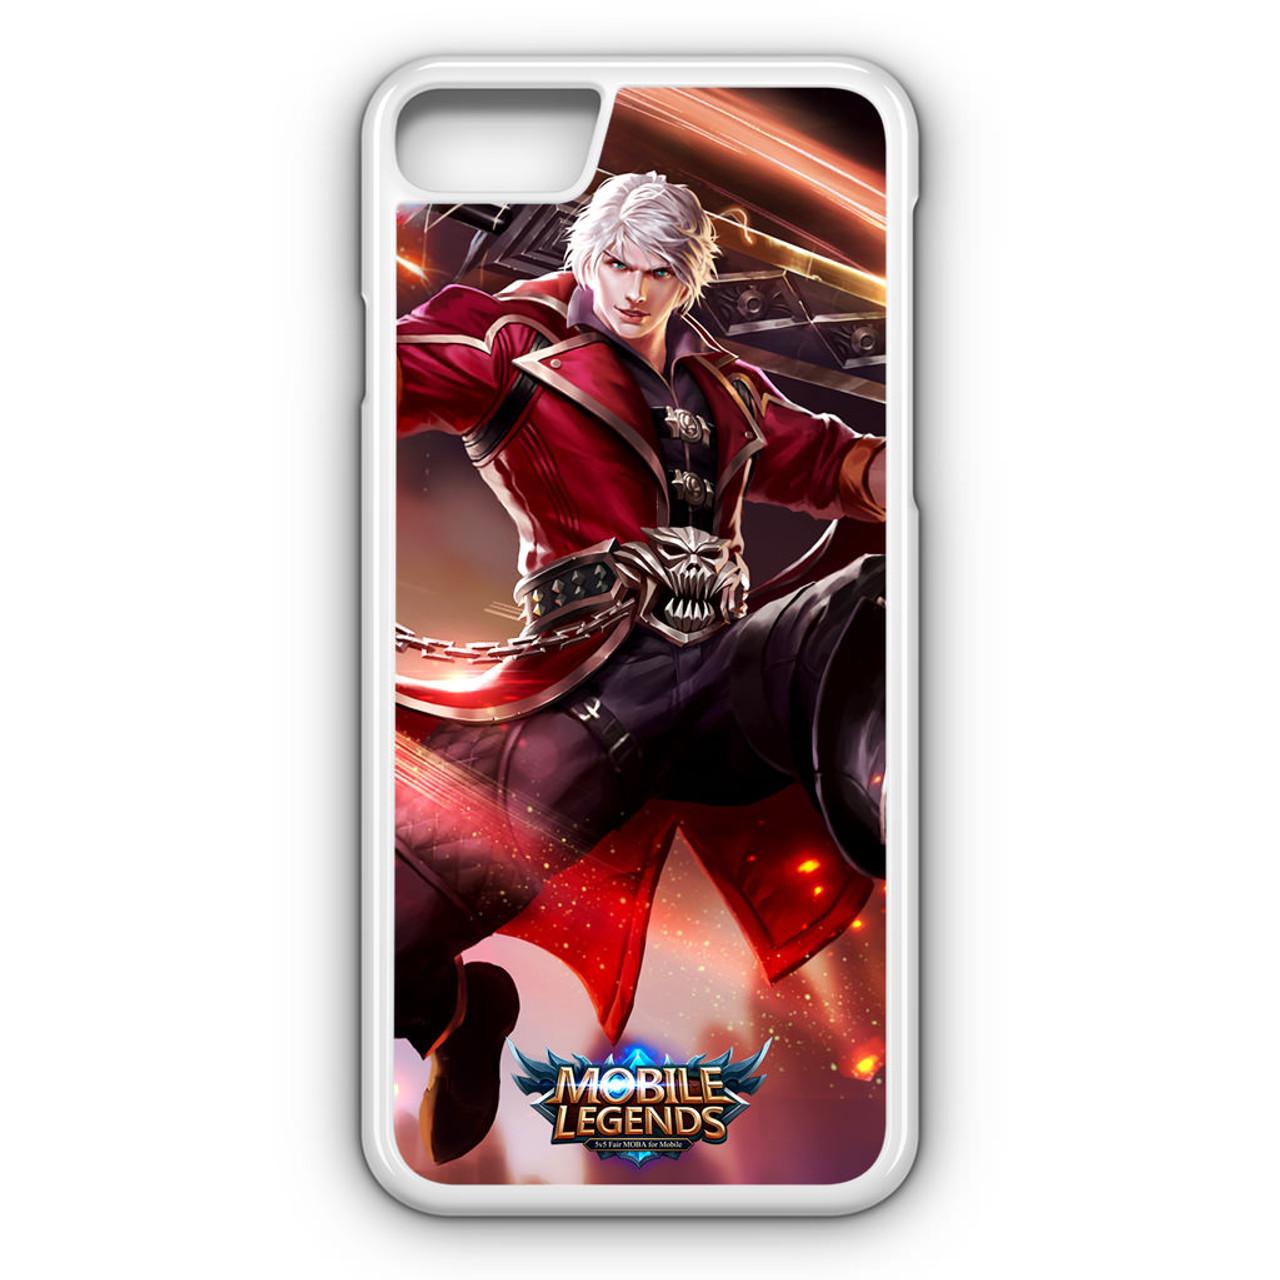 Alucard Pics mobile legends alucard demon hunter iphone 7 case